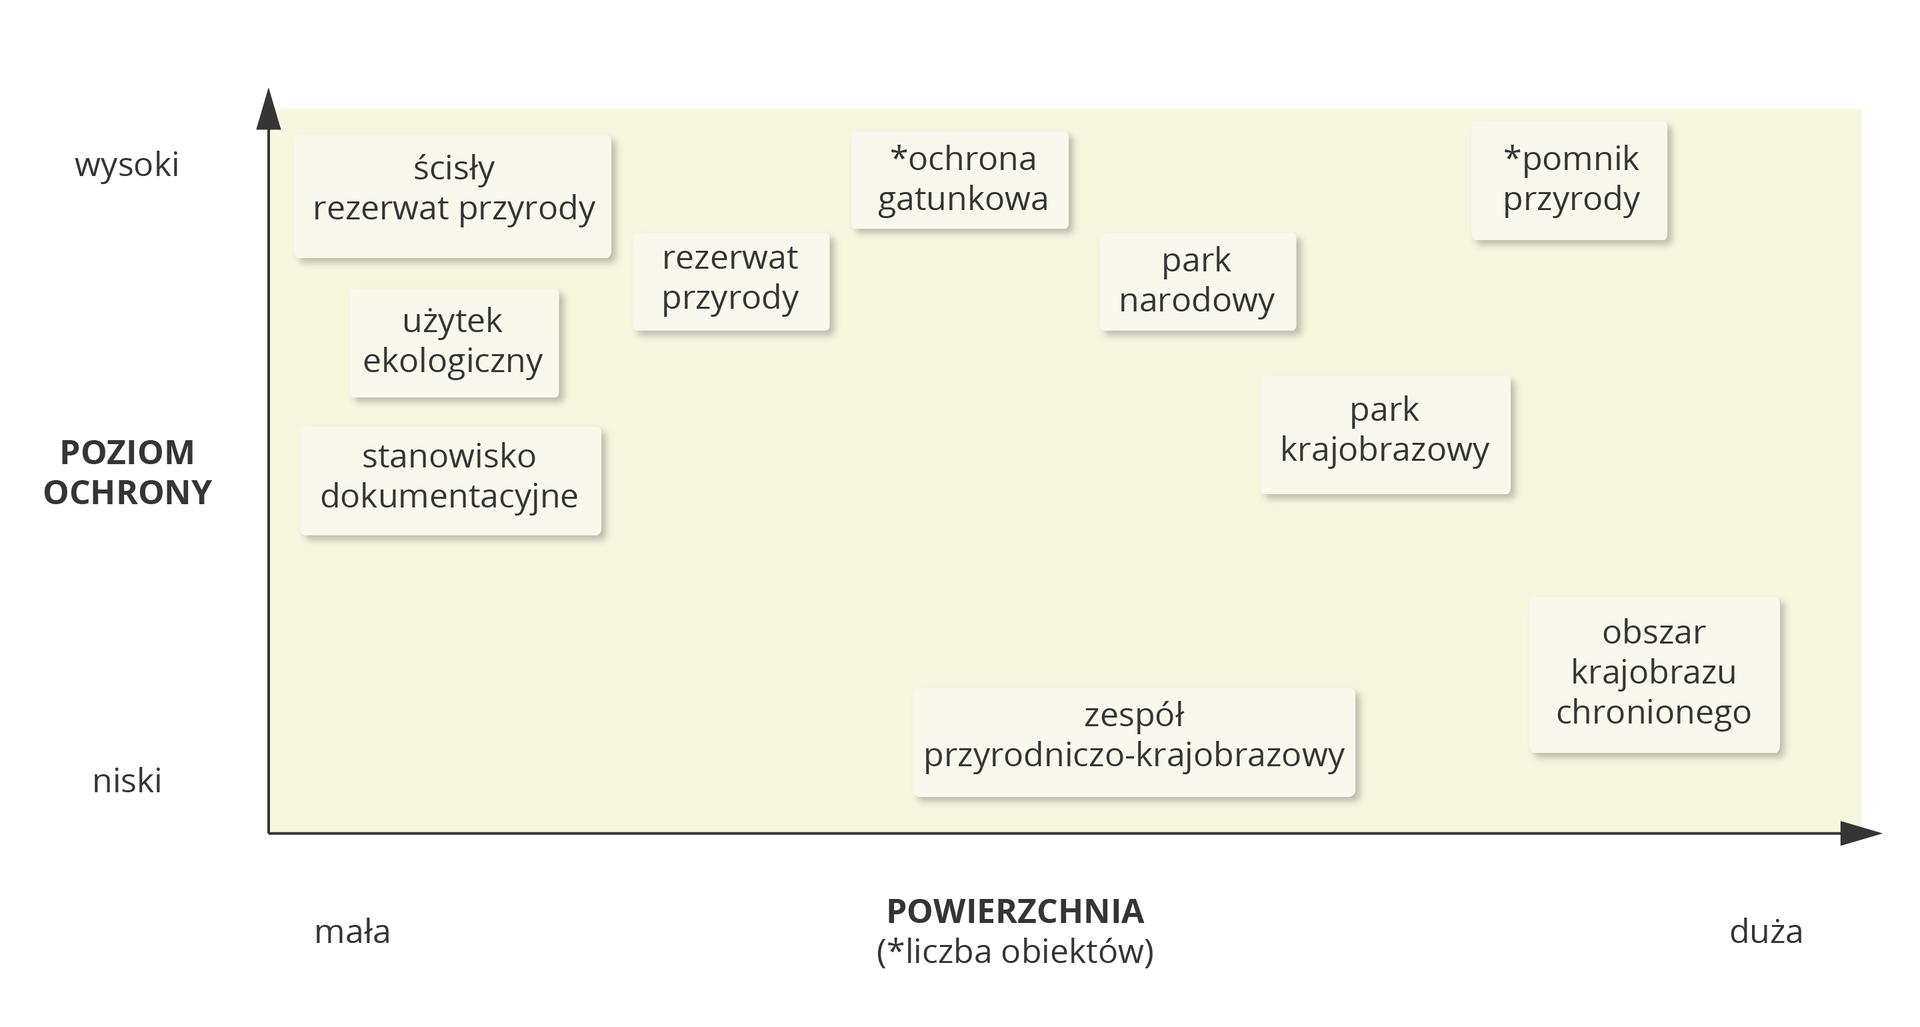 Wykres przedstawiający poziom ochrony izasięg prawnych form ochrony przyrody wPolsce. wysokiŚcisłyrezerwatprzyrodyOchronagatunkowaPomnikprzyrodyUżytekekologicznyRezerwatprzyrodyParknarodowyPoziomochronyStanowiskodokumentacyjneParkkrajobrazowyniskiZespółprzyrodniczo-krajobrazowyObszarchronionegokrajobrazumałaPowierzchnia(liczba obiektów)duża